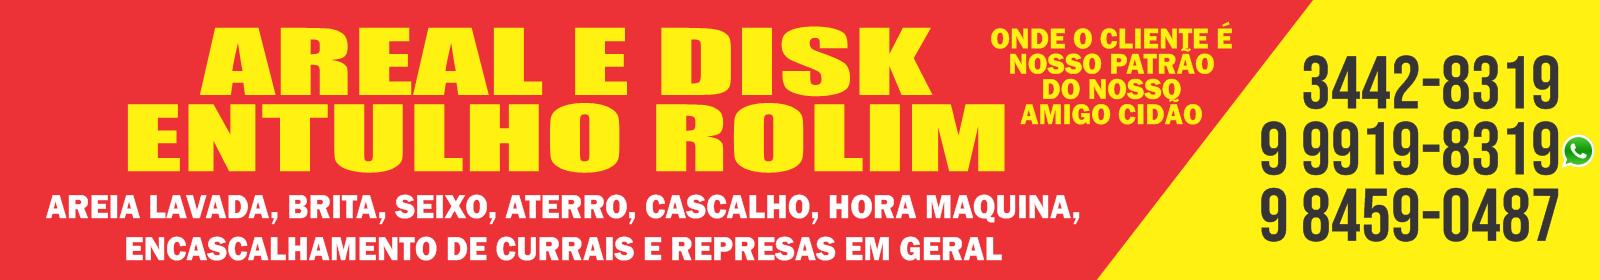 AREAL E ENTULHOS ROLIM